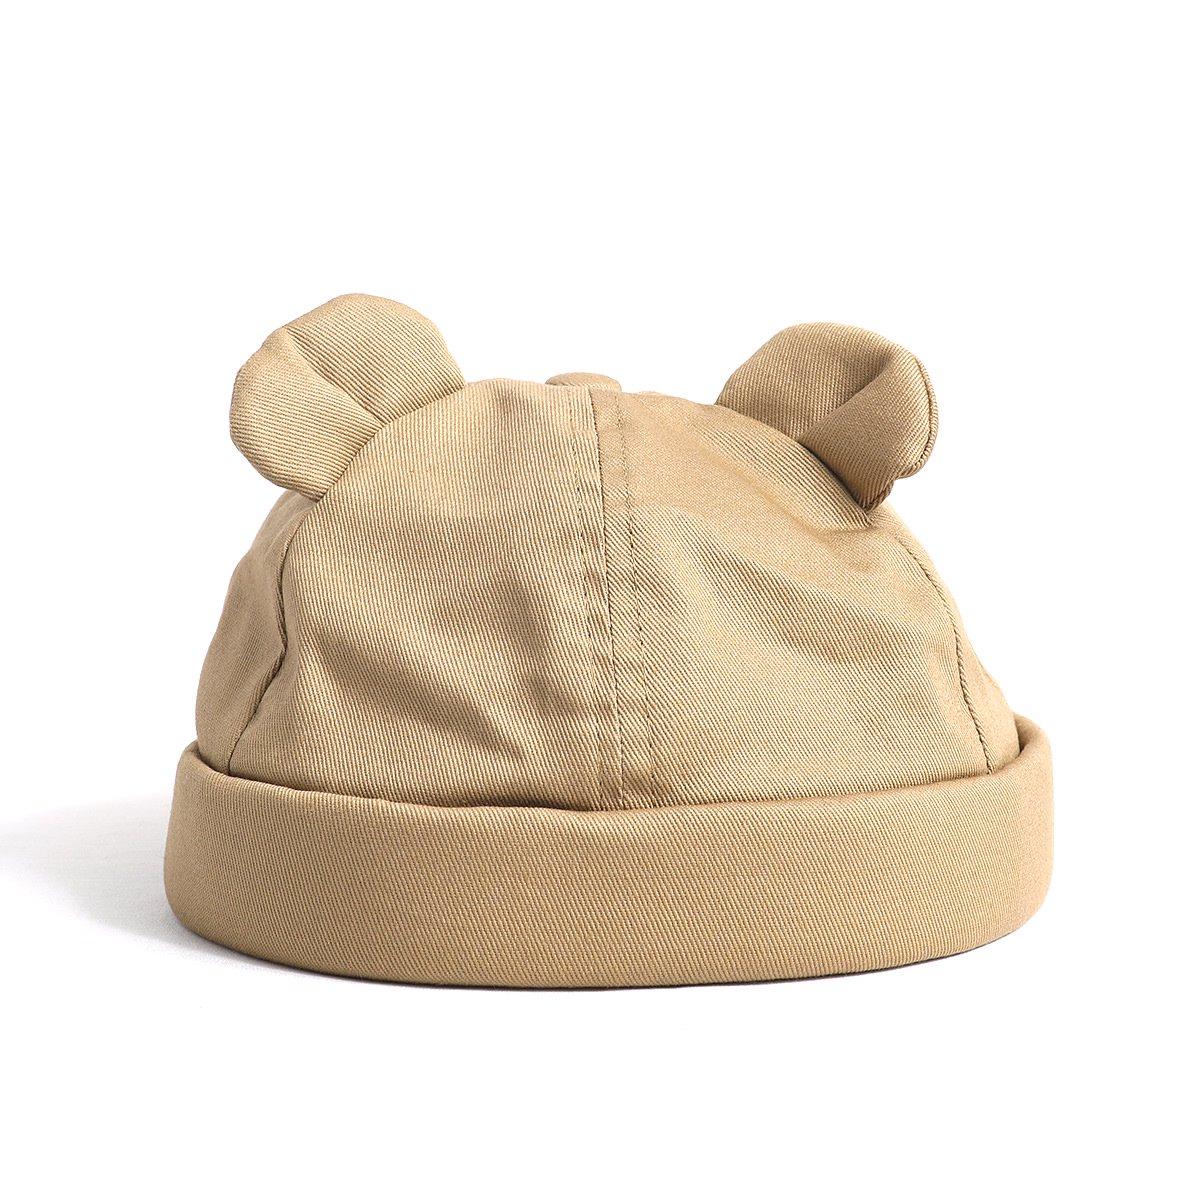 【KIDS】Bear Roll Cap 詳細画像2